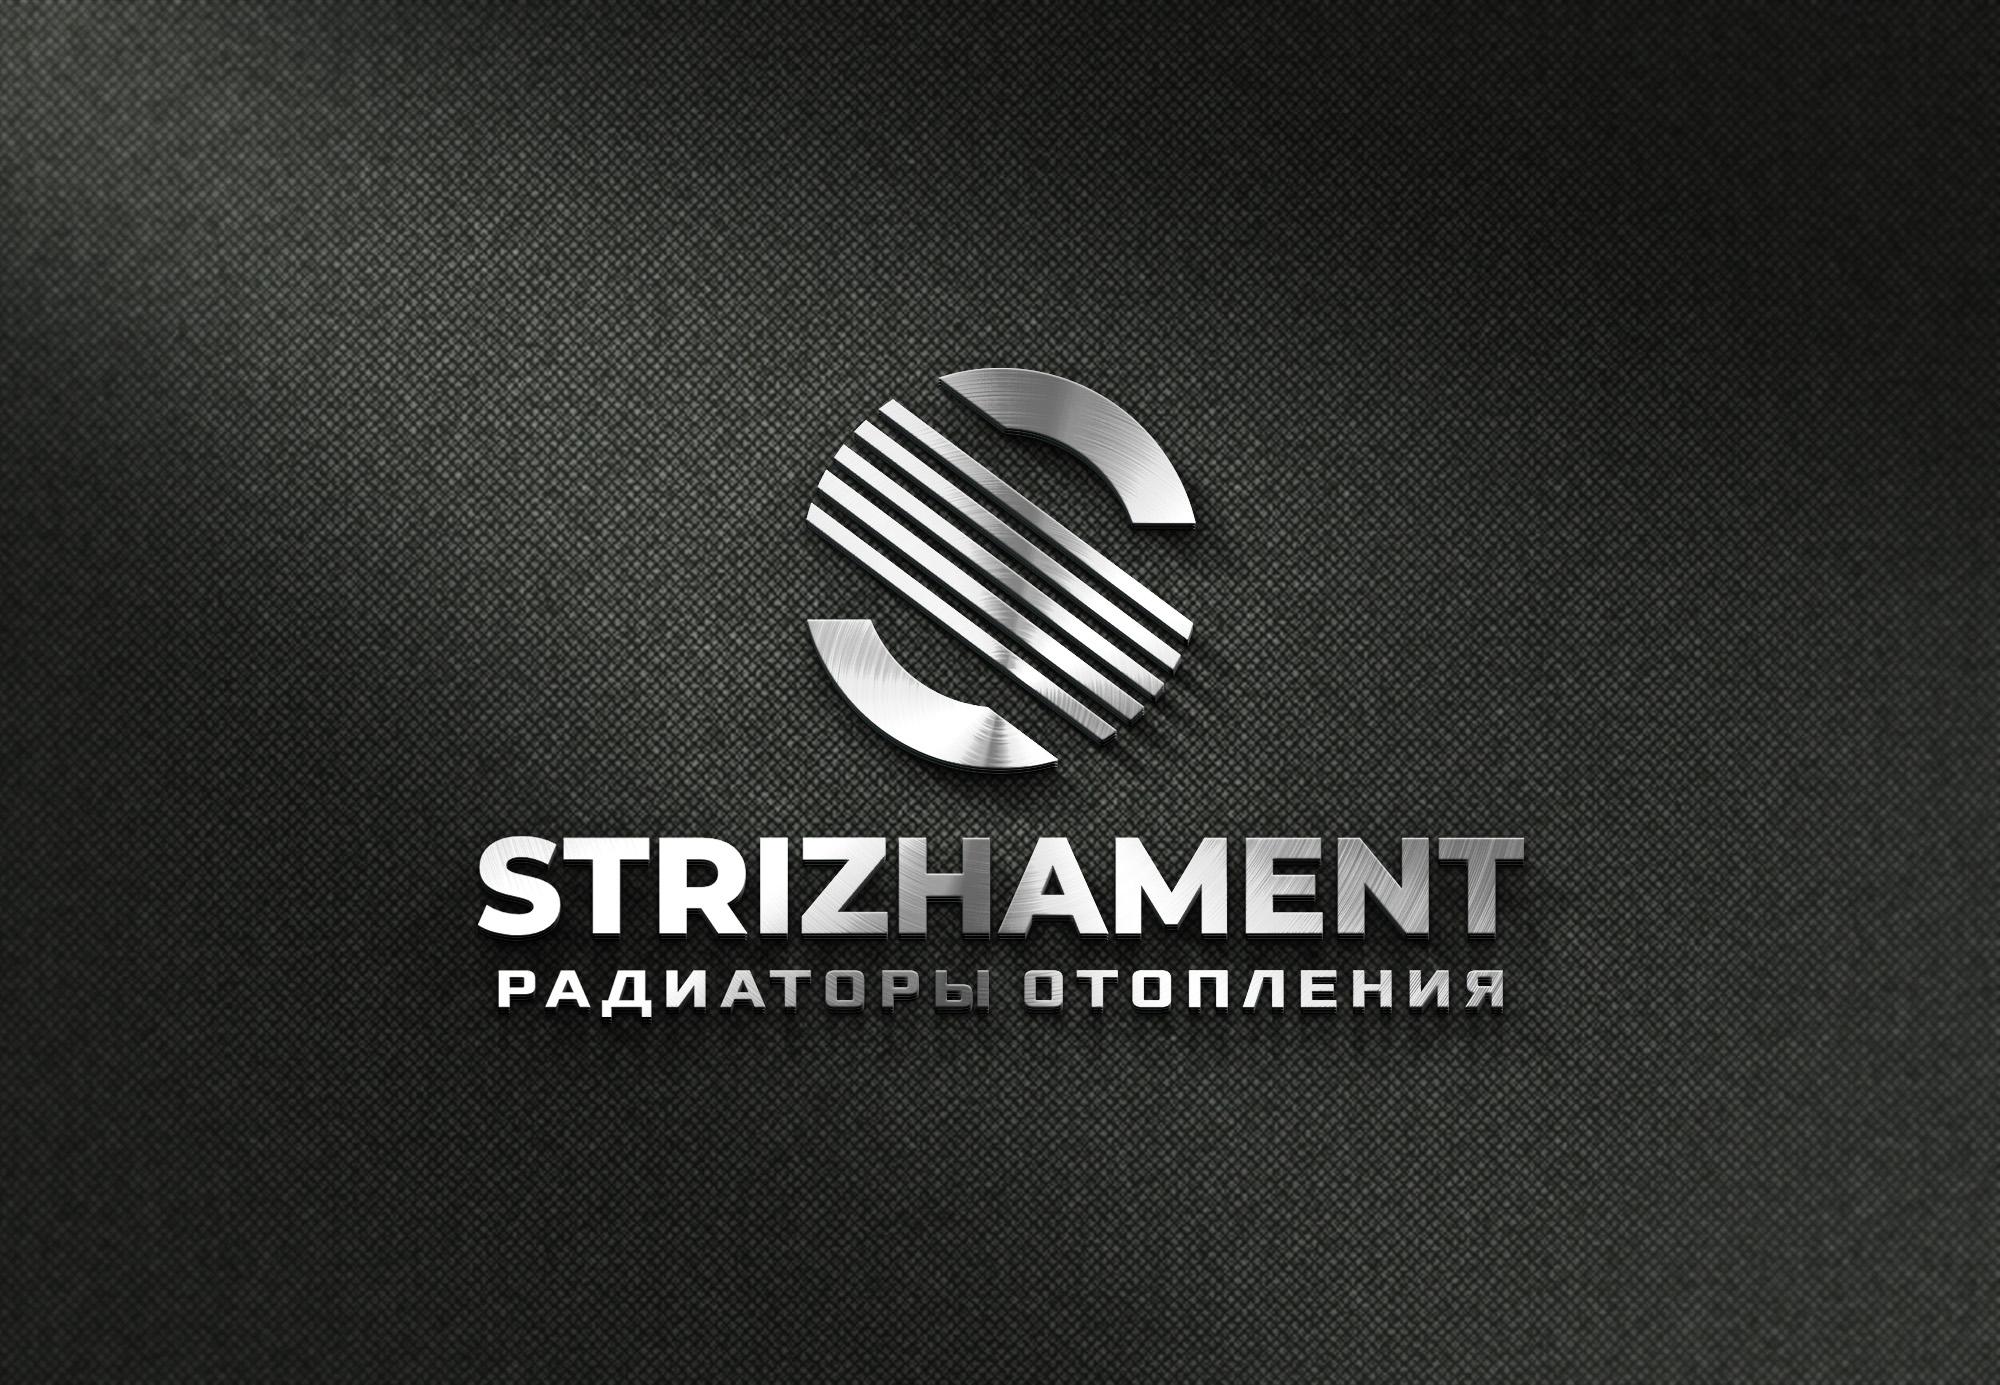 Дизайн лого бренда фото f_6345d541f359a238.jpg